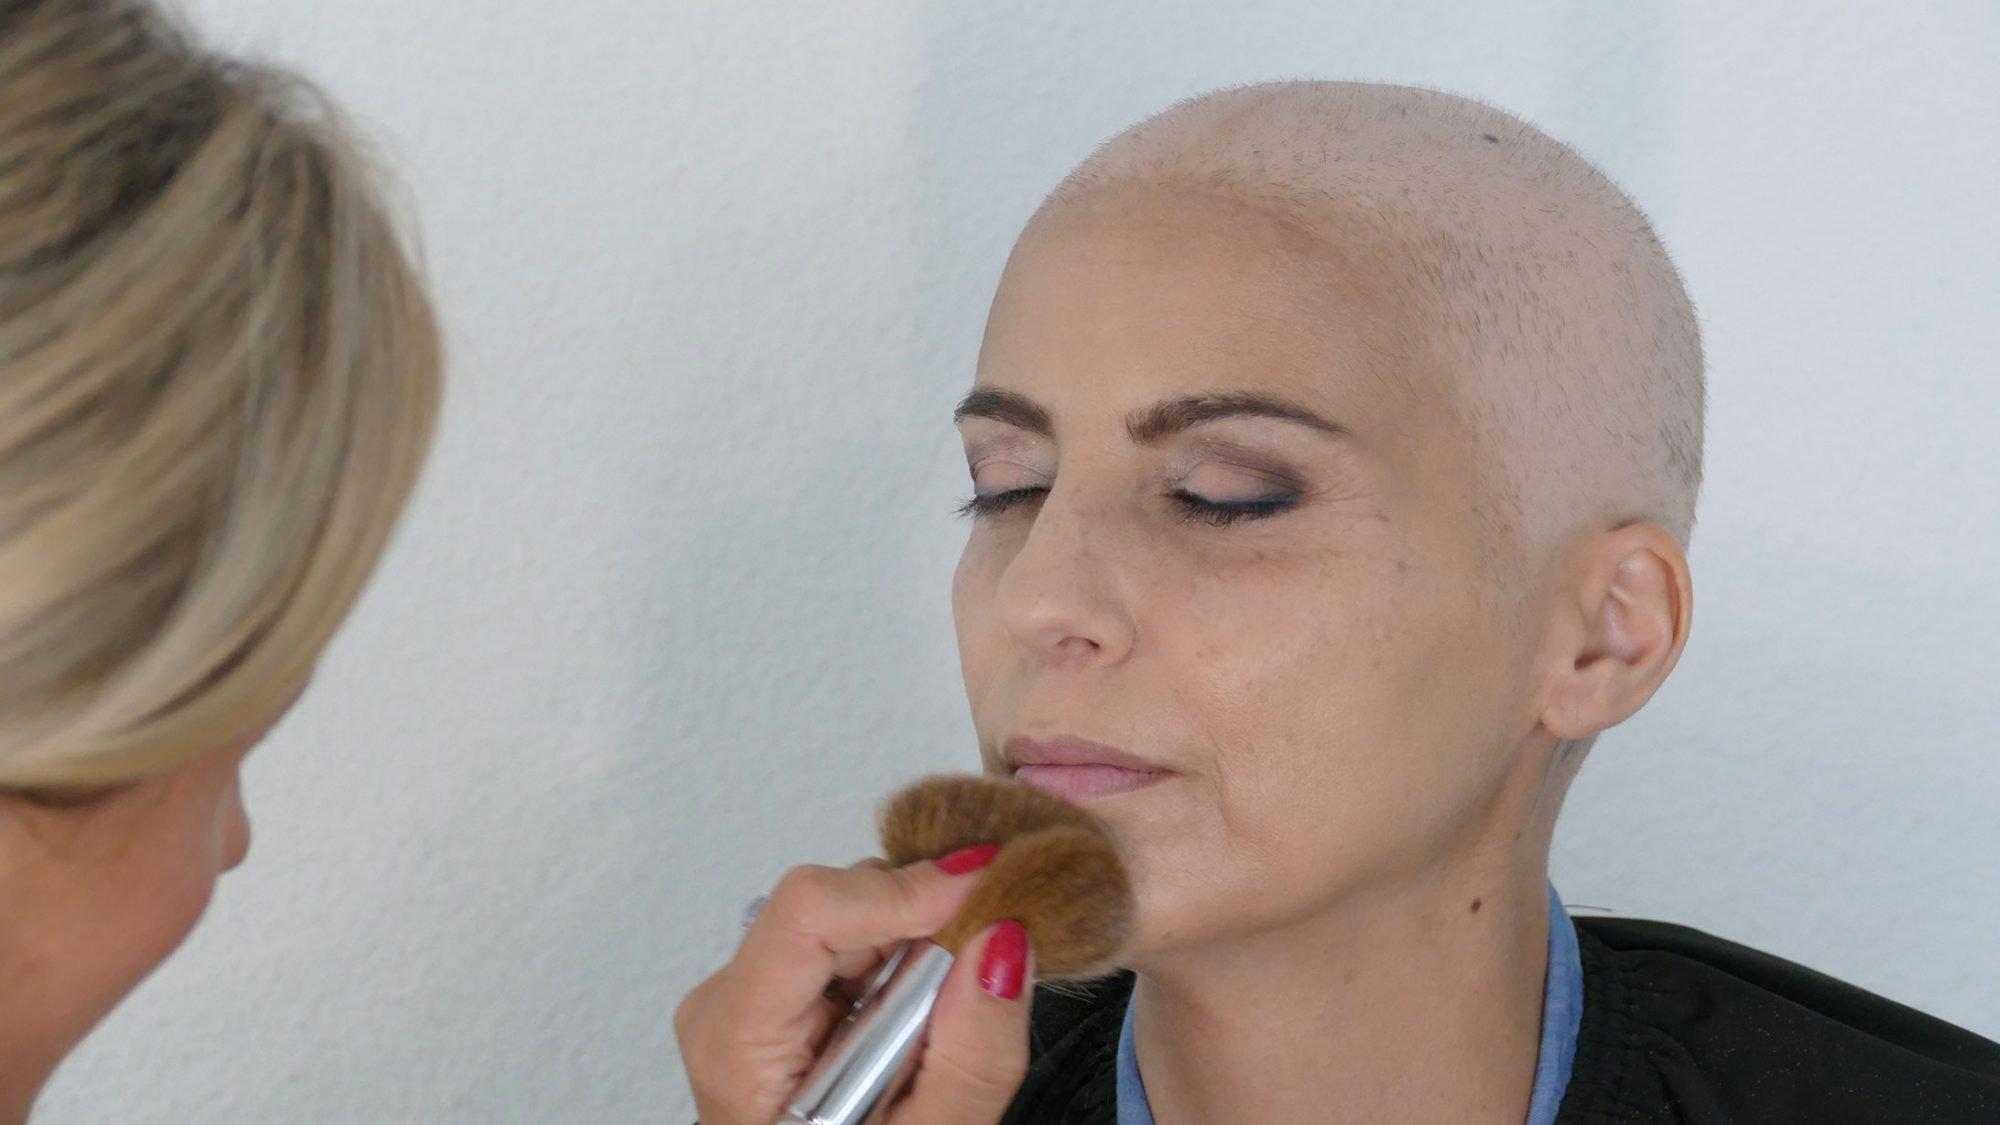 Schminken bei Chemotherapie: Fixierpuder auftragen.